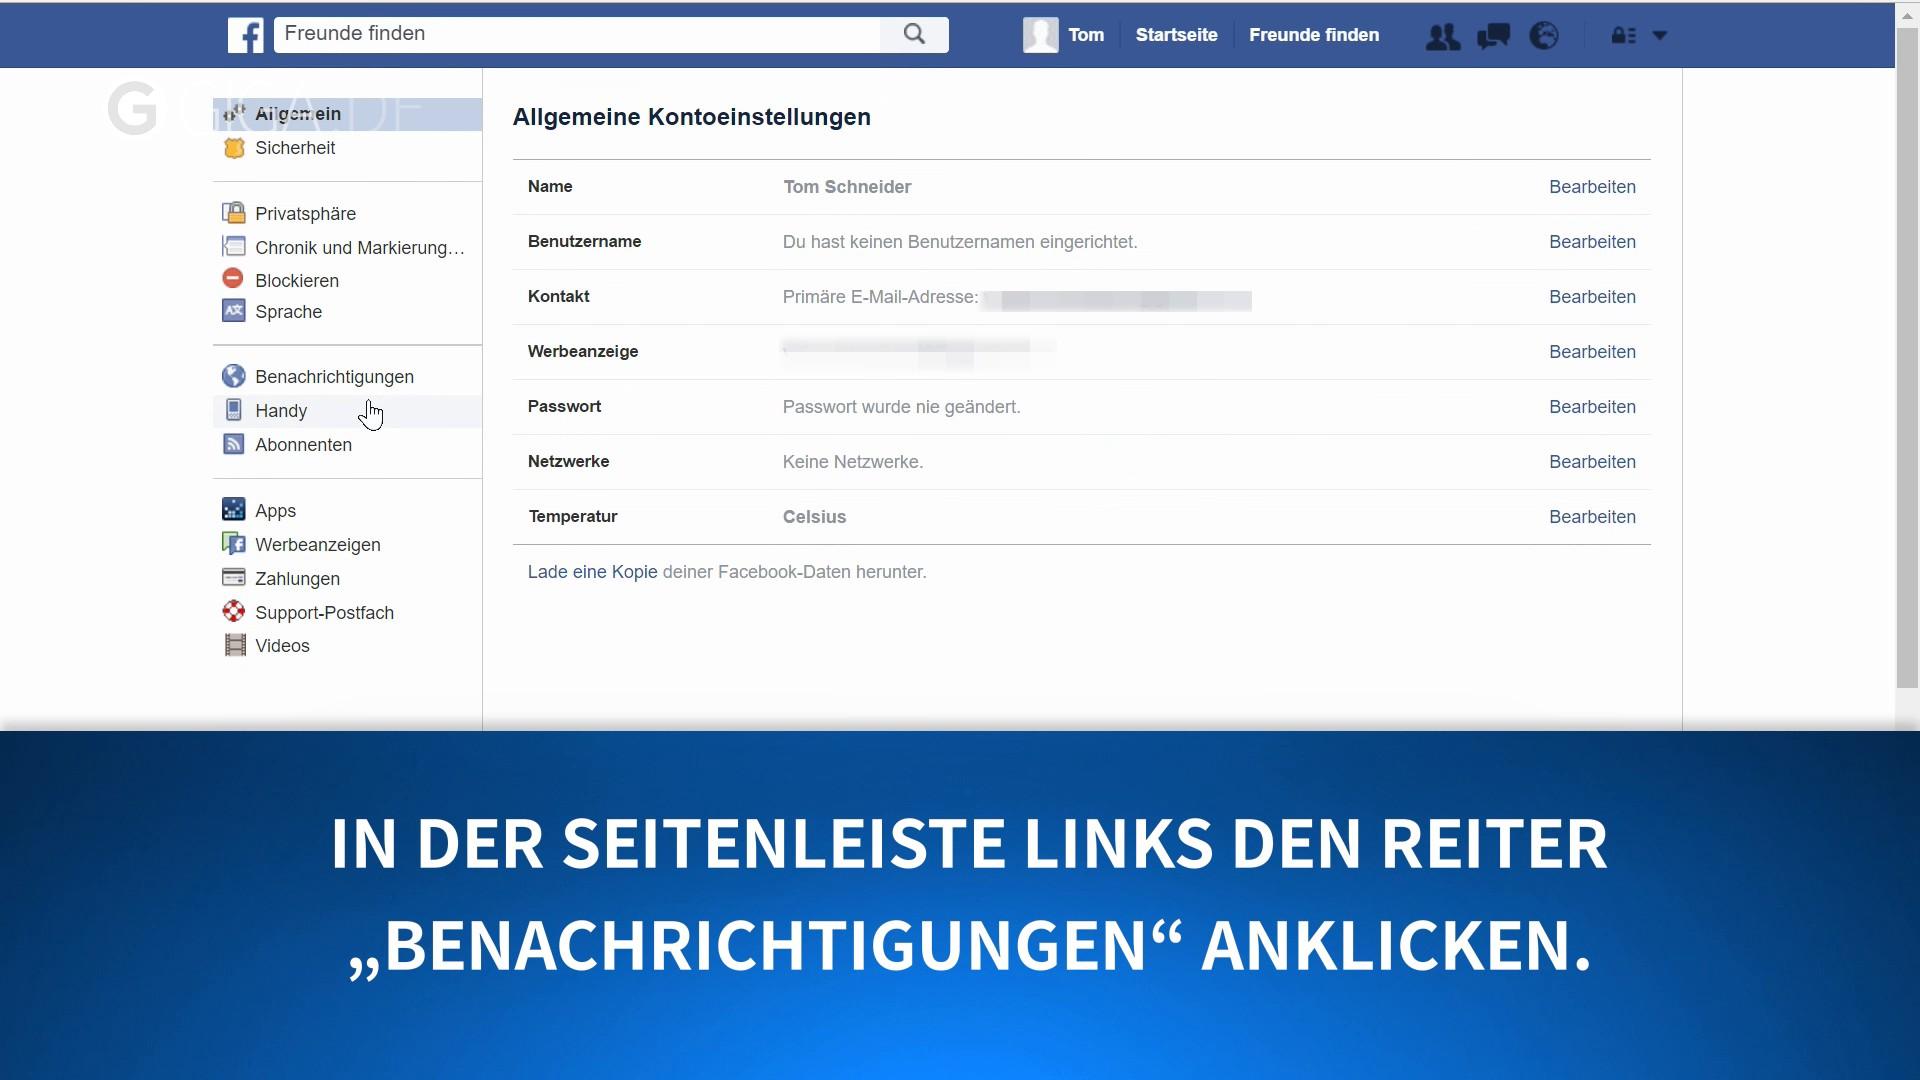 Facebook geburtstage anzeigen